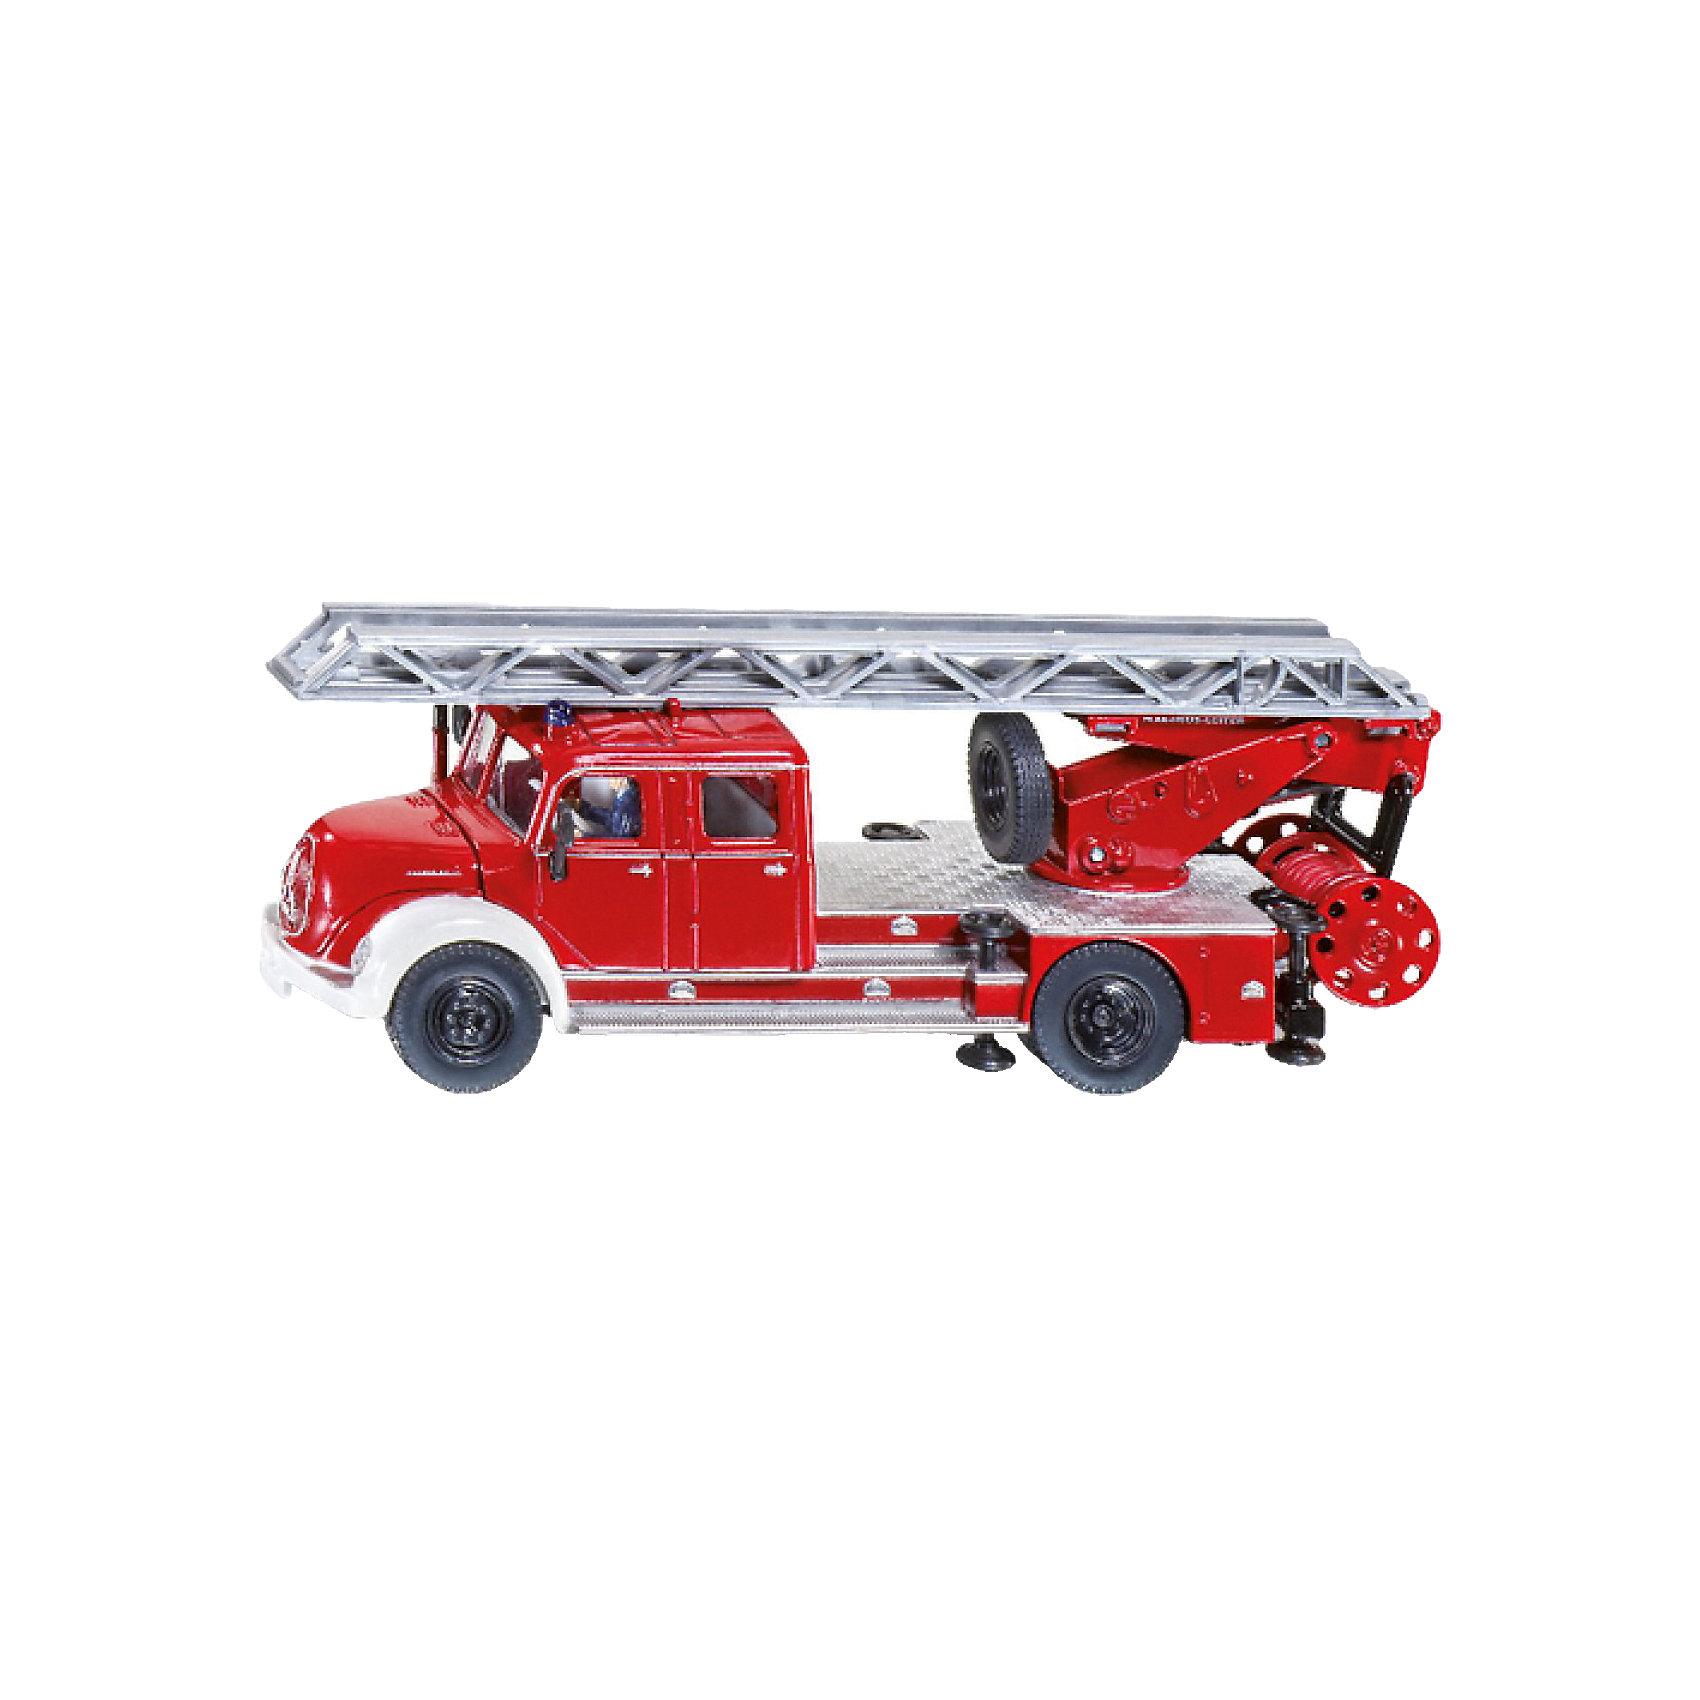 SIKU SIKU 4114 Пожарная машина с лестницей Magirus 1:50